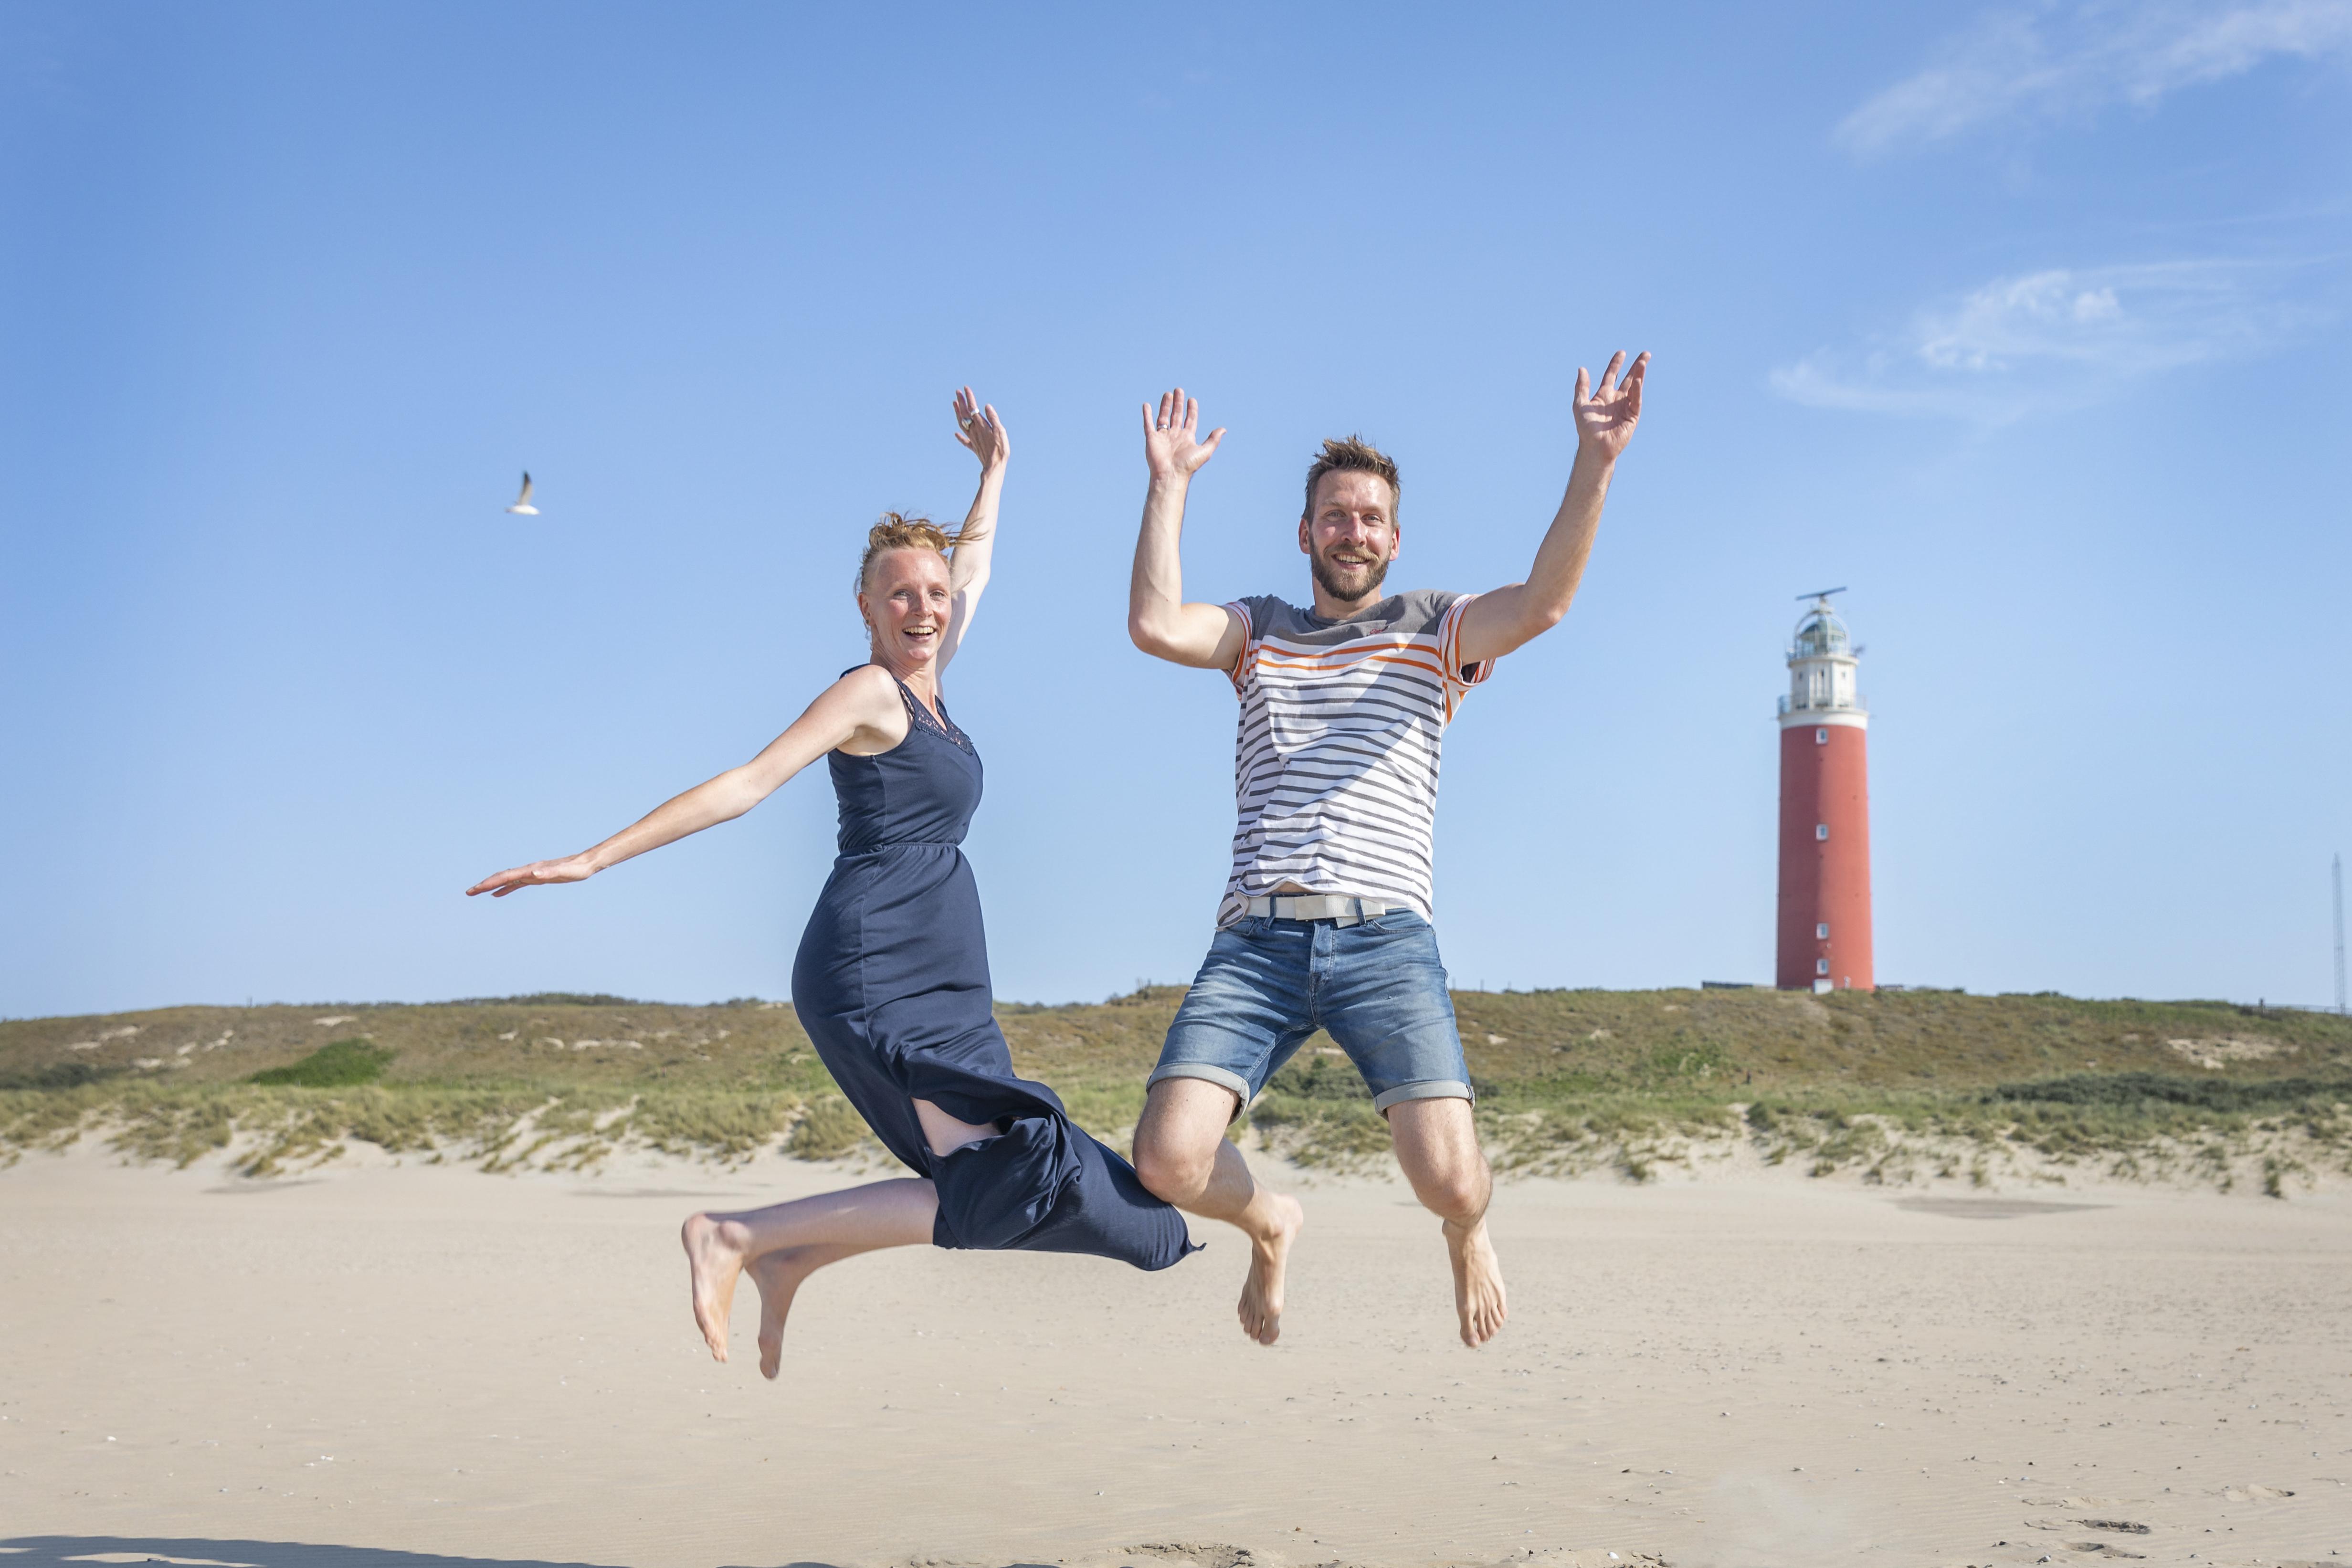 Stel springt in de lucht bij de vuurtoren VVV Texel Fotograaf Evalien Weterings